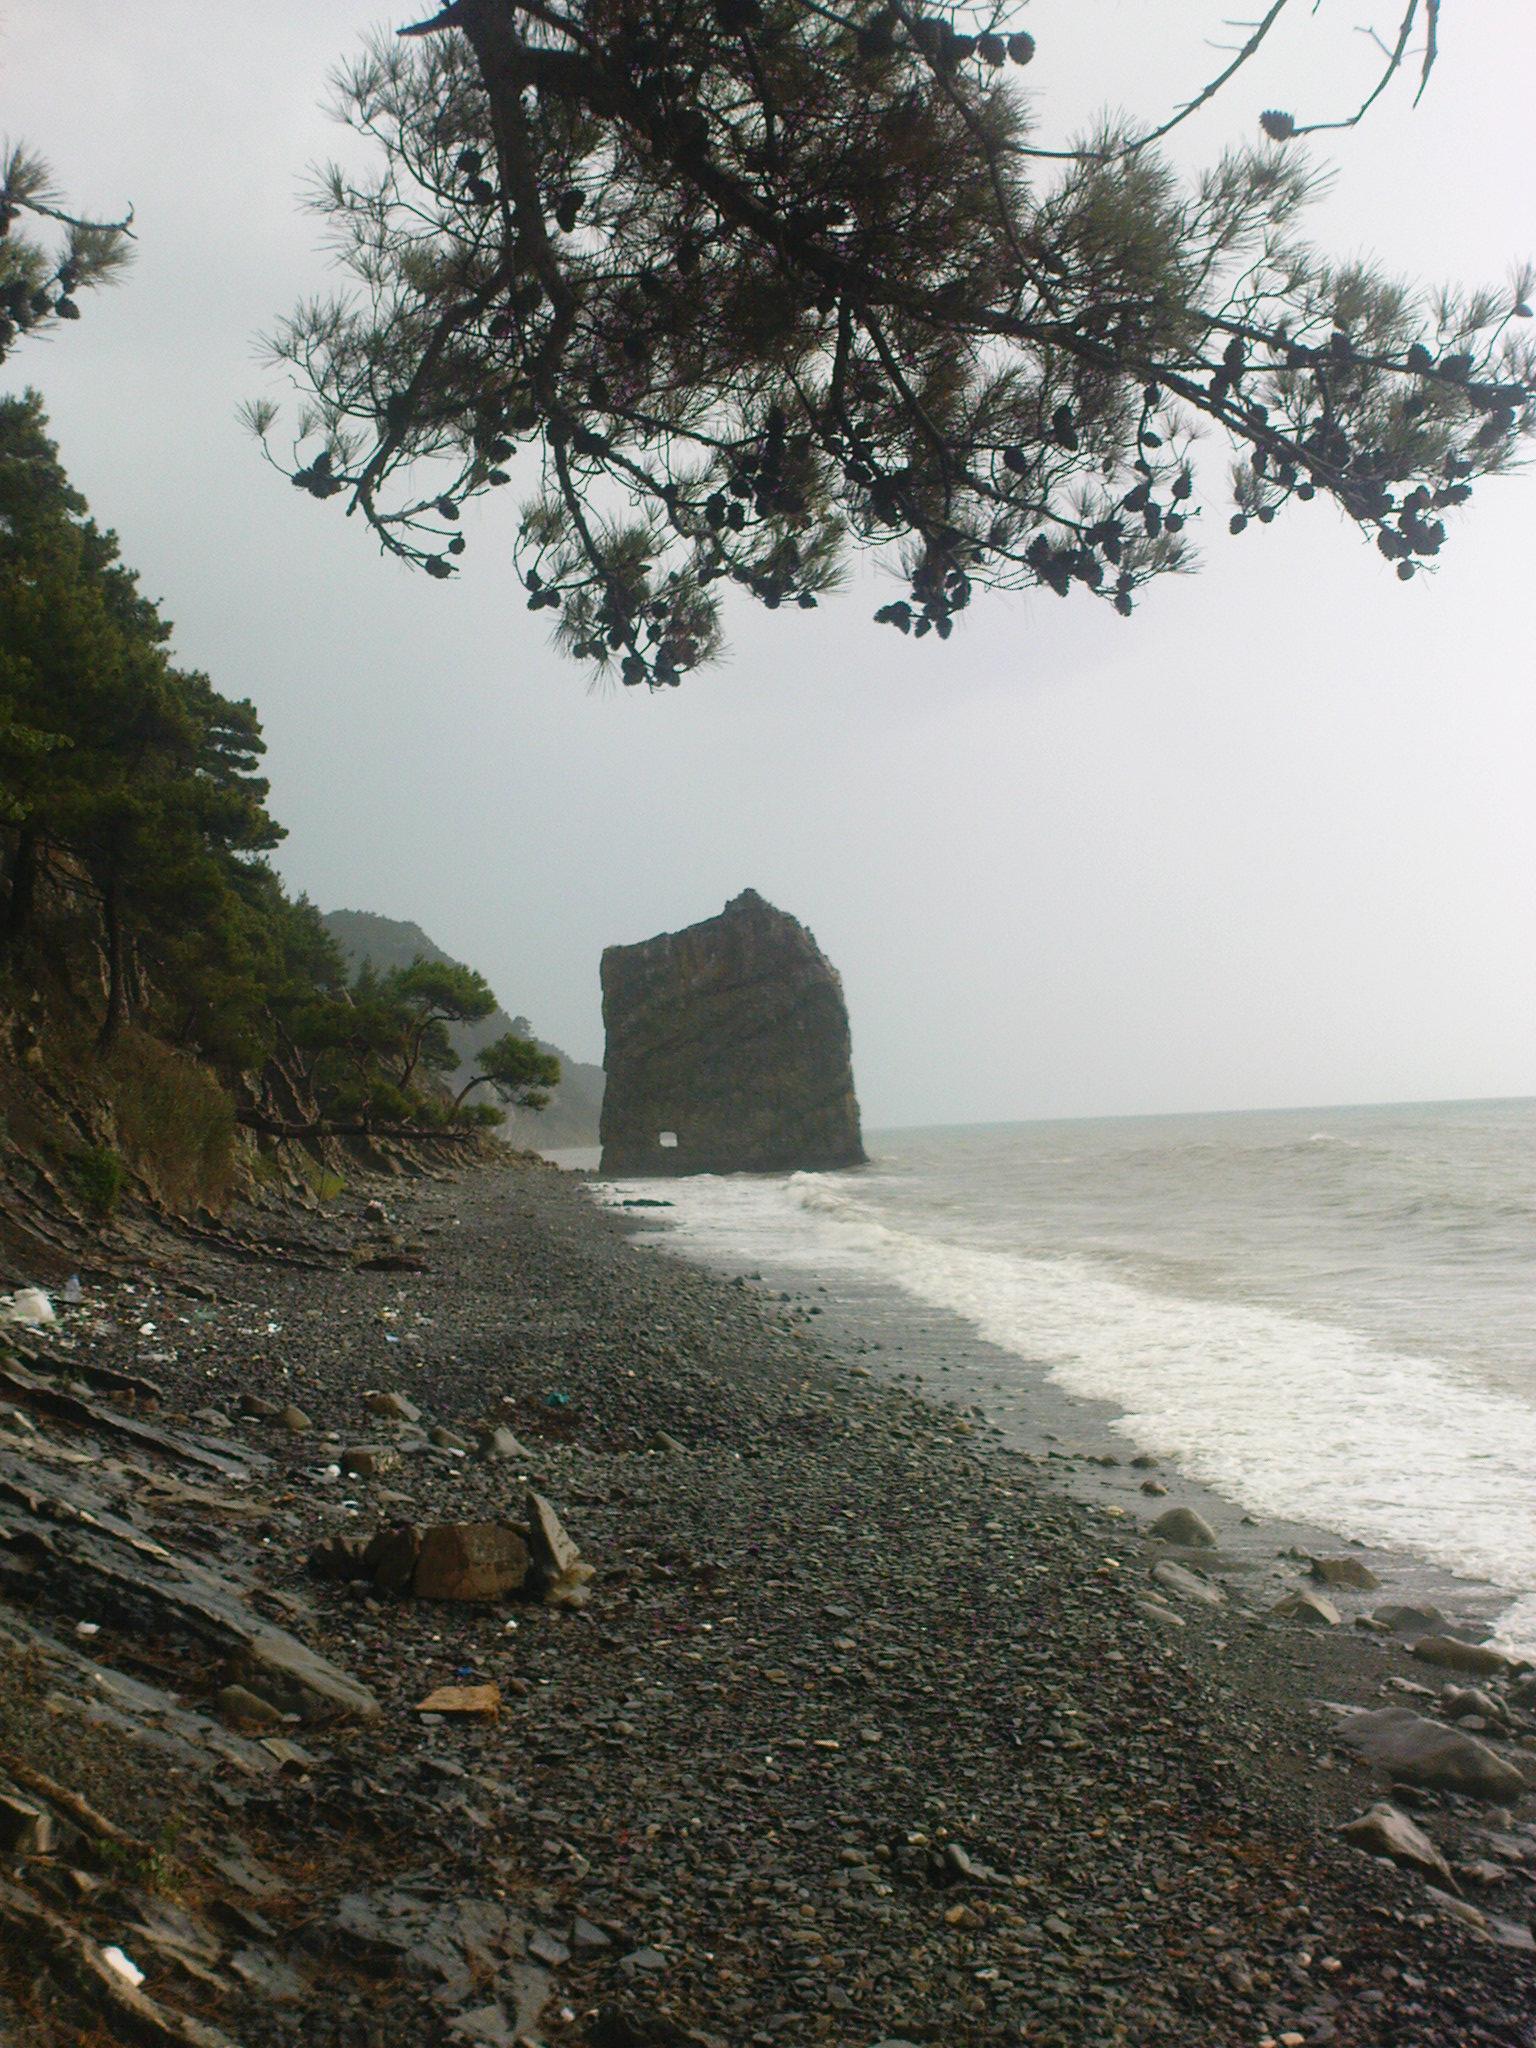 скала парус недалеко от центрального пляжа в Прасковеевке